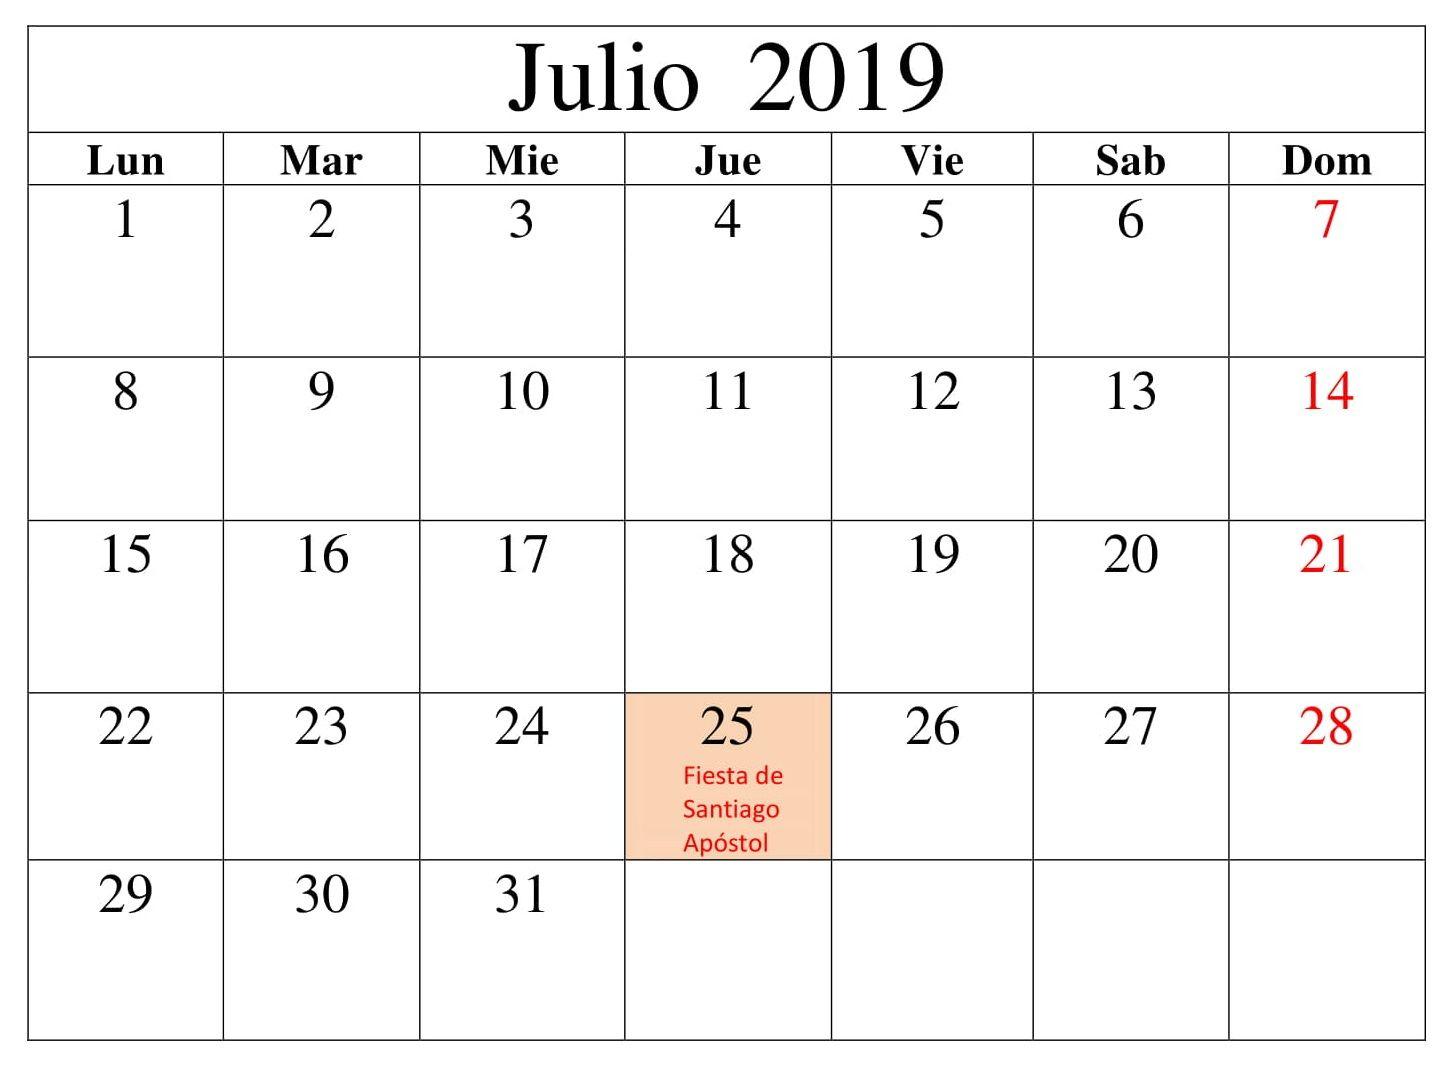 Calendario Con Excel.Julio Calendario Mensual 2019 Con Festivos Calendario